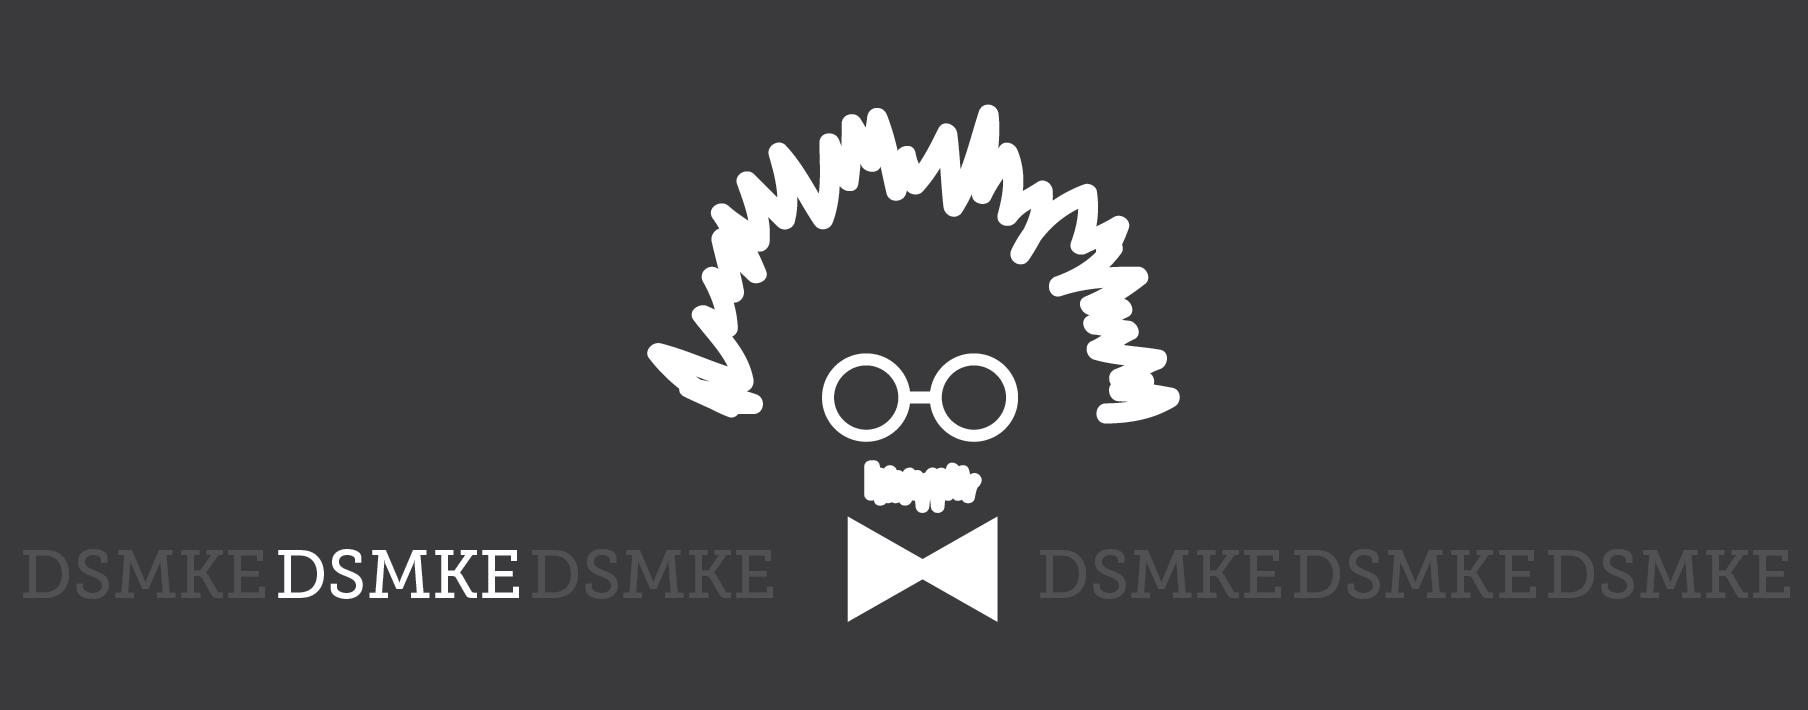 Graphic Design | Designsteinmke